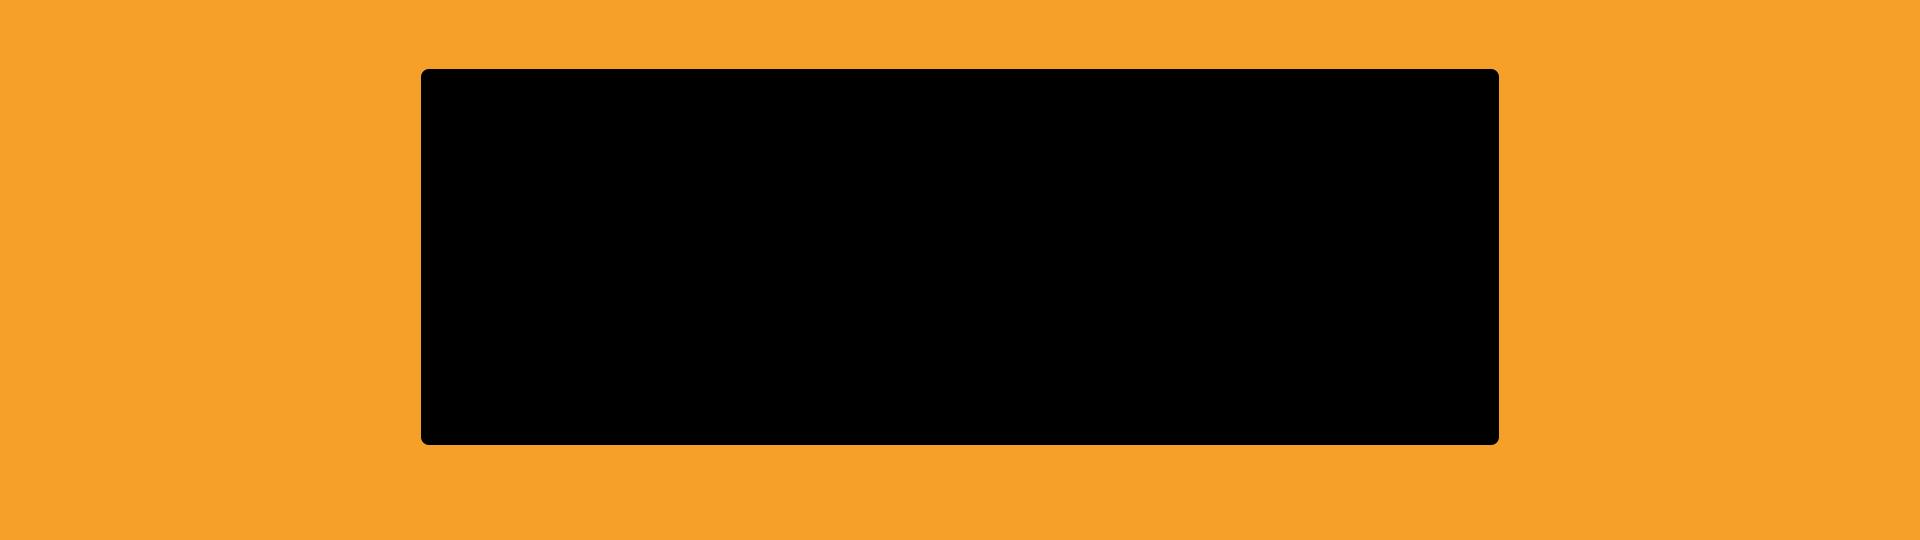 CATEGORY-TEMTUK-SUPERMARKETFESTIVALI-20-09